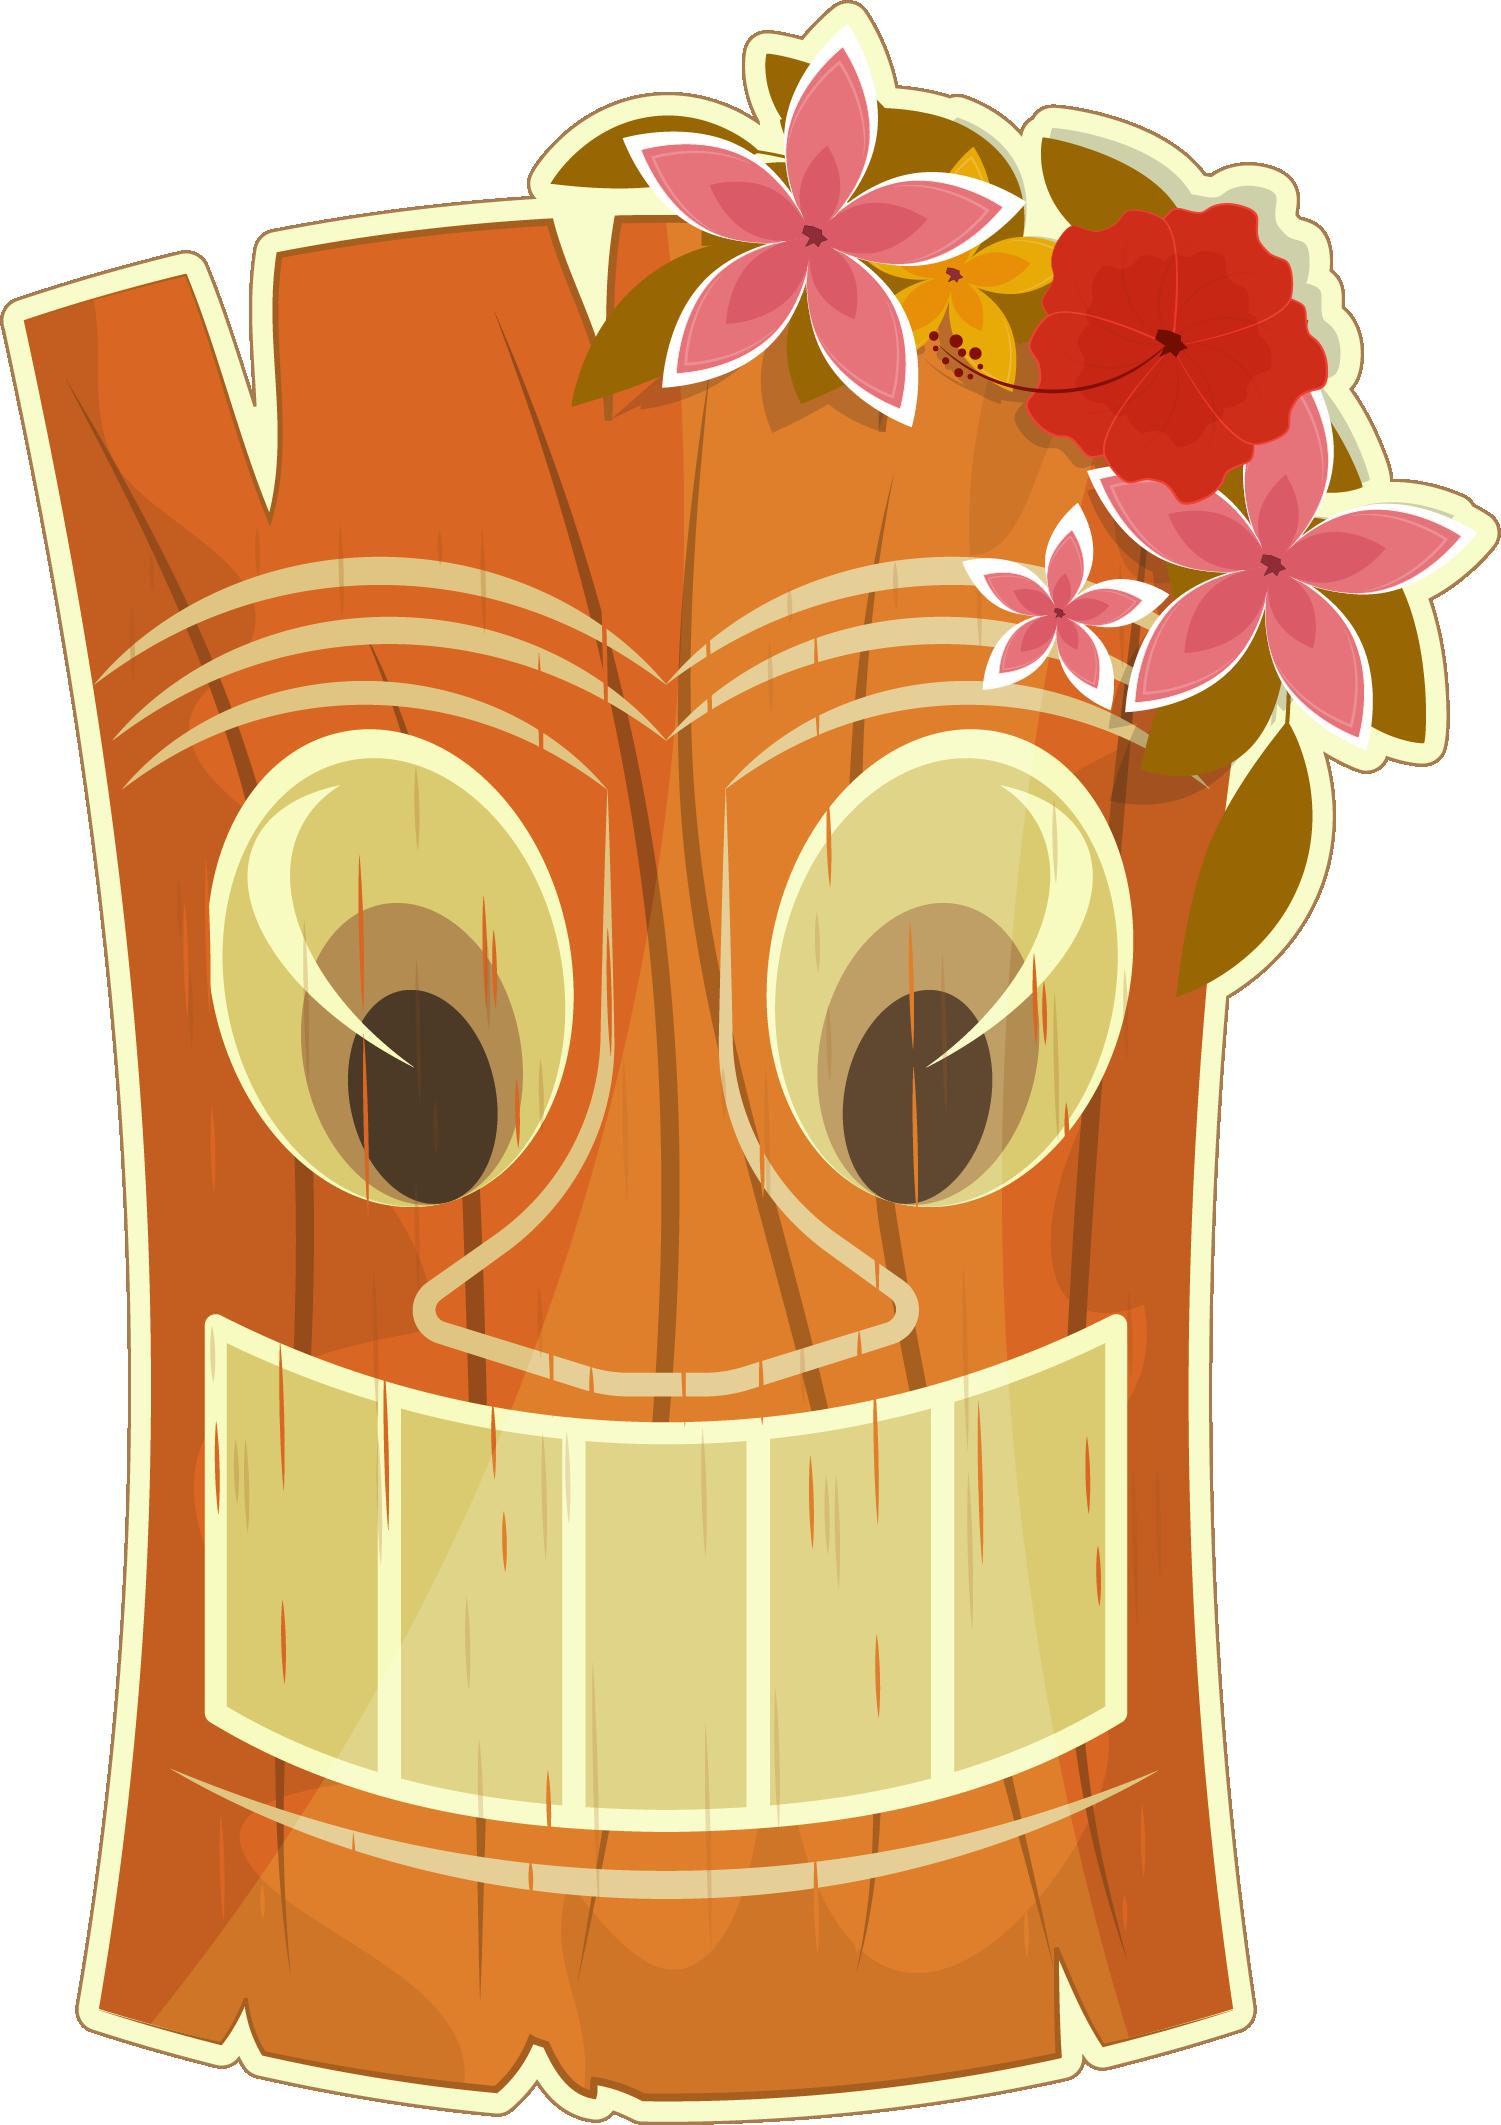 Hawaii Tiki bar Clip art